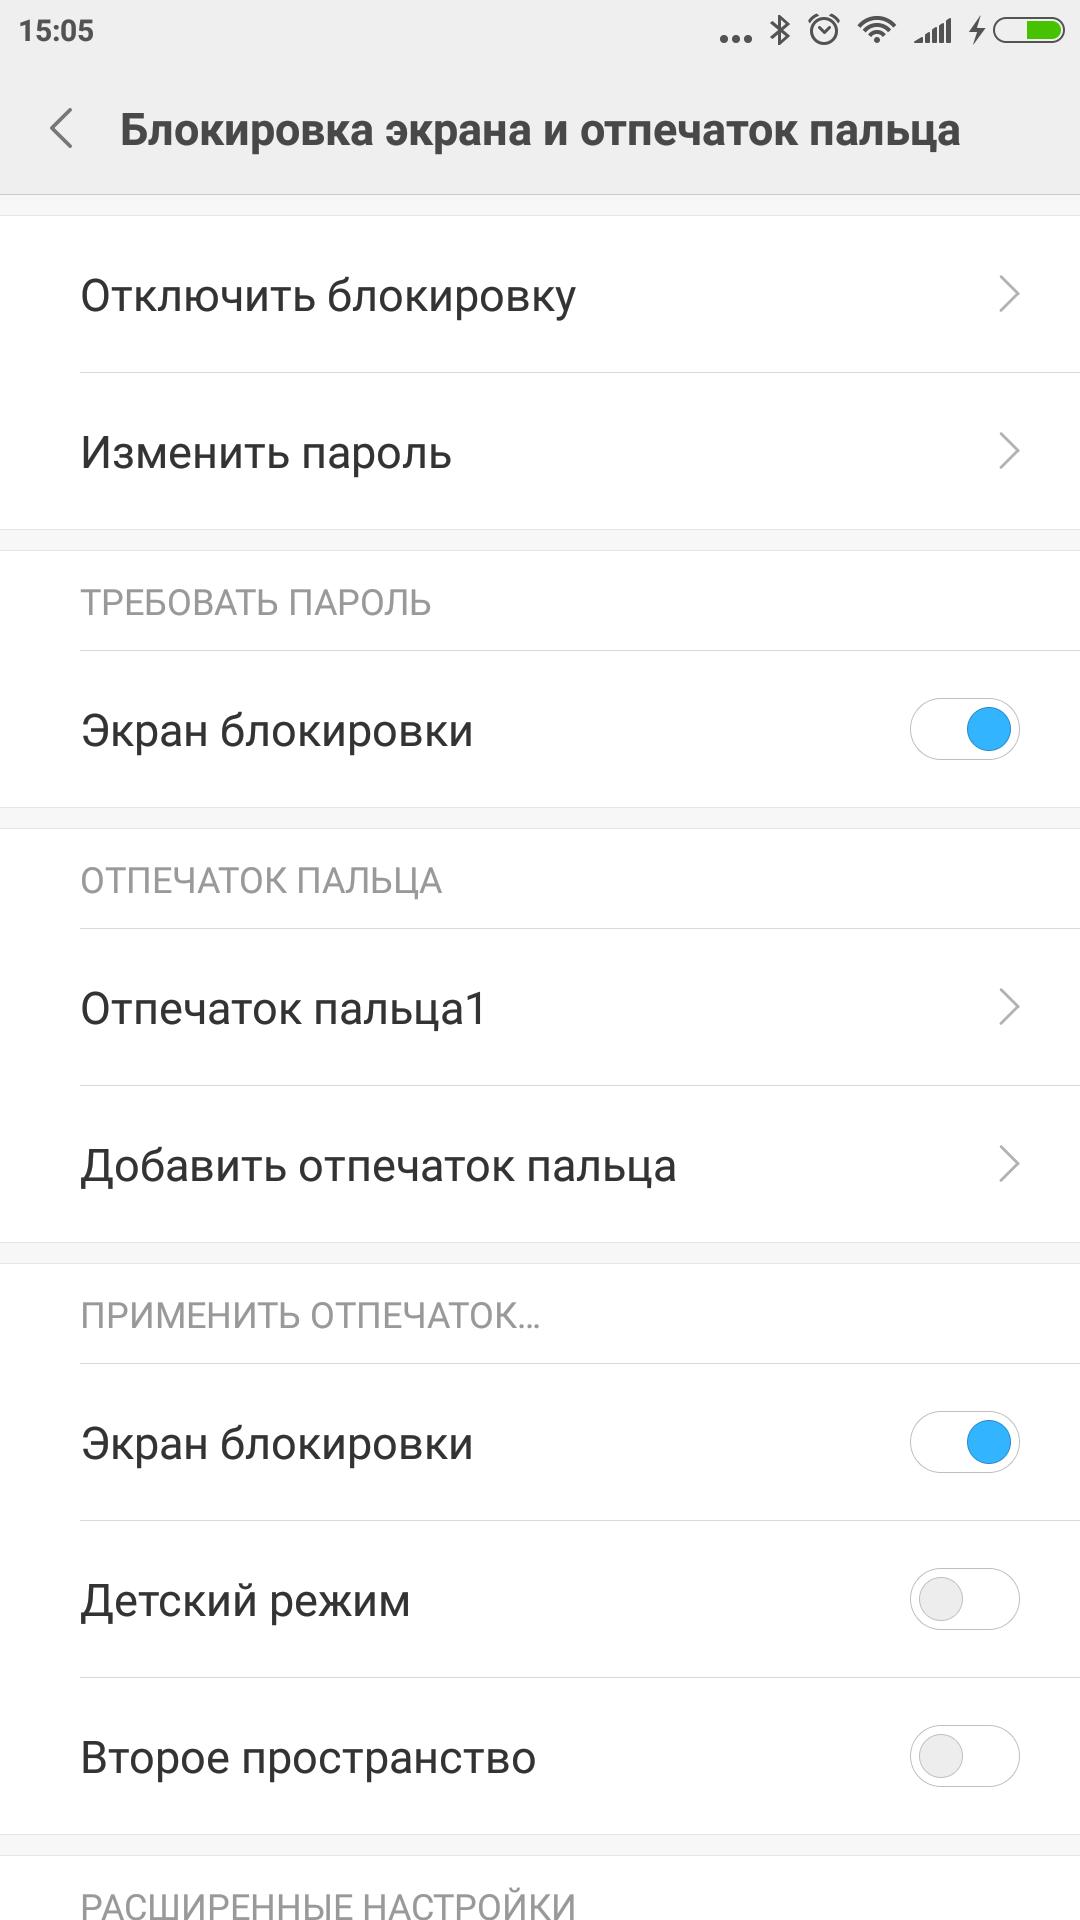 сайт газета бесплатные частные объявления город дзержинск